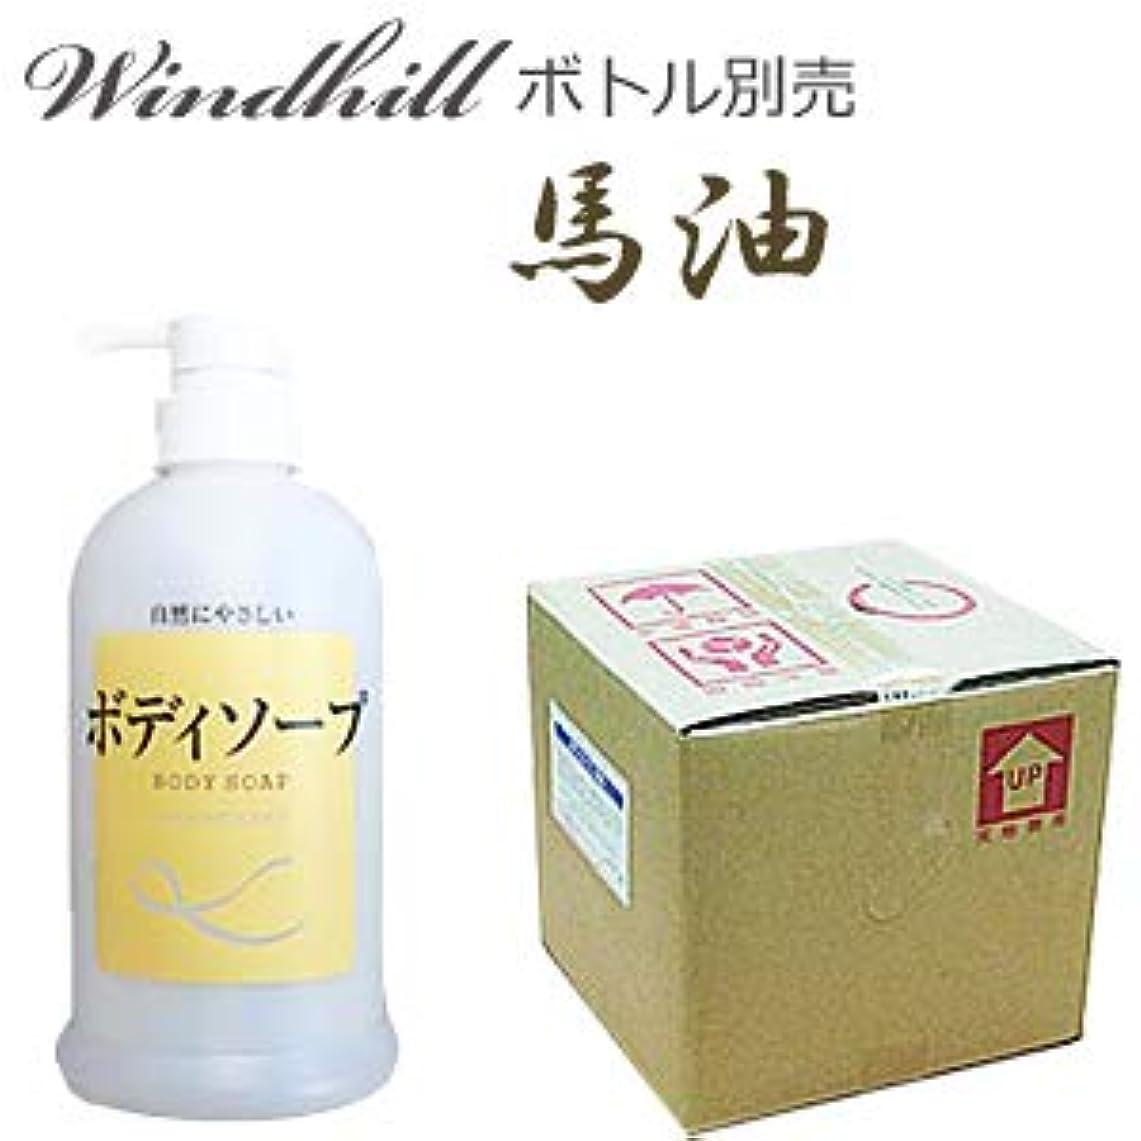 ボイドダース繕うなんと! 500ml当り190円 Windhill 馬油 業務用 ボディソープ   フローラルの香り 20L